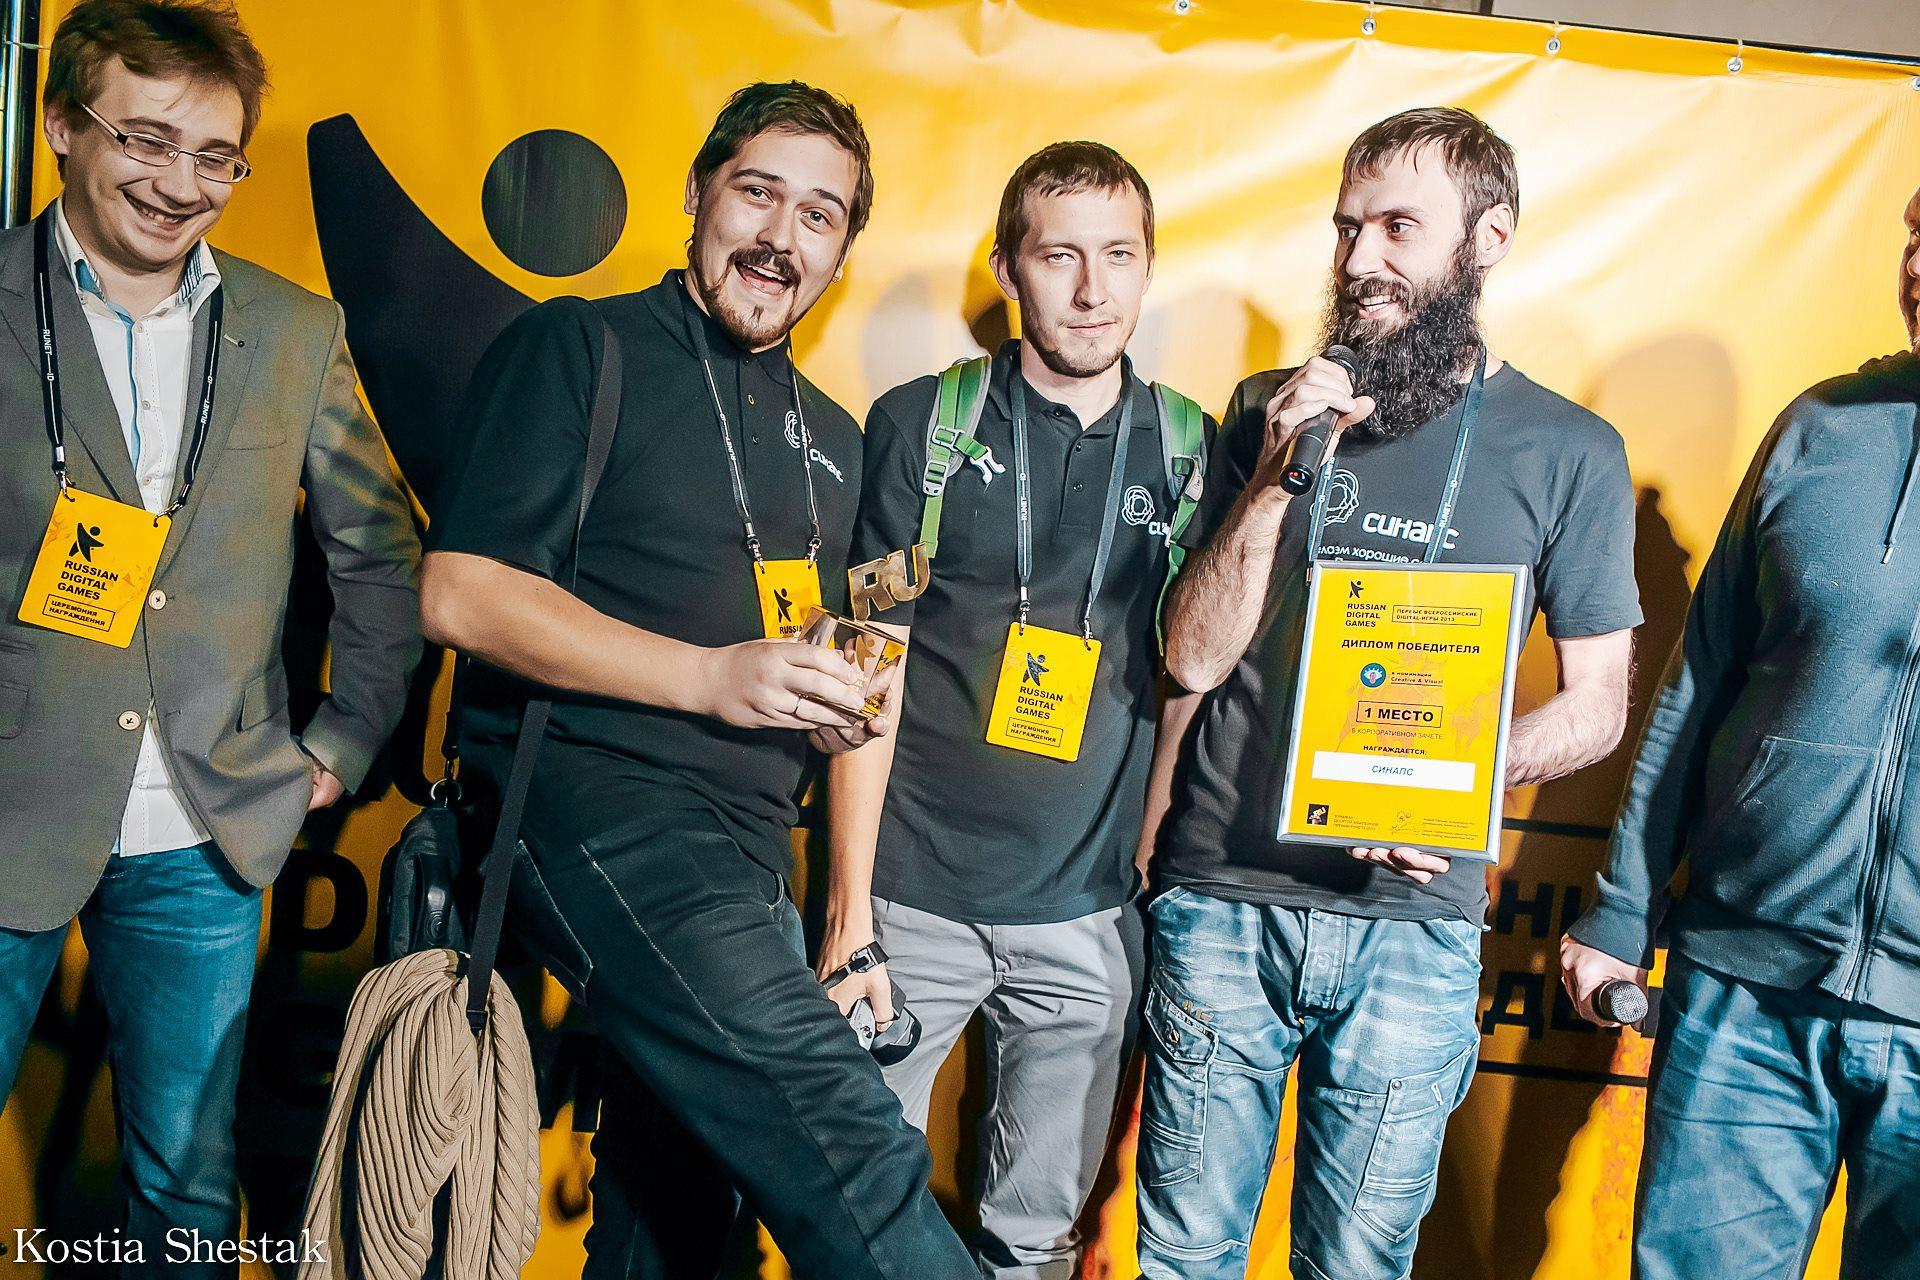 Вологжане завоевали премию Рунета, сделав сайт для продажи котов